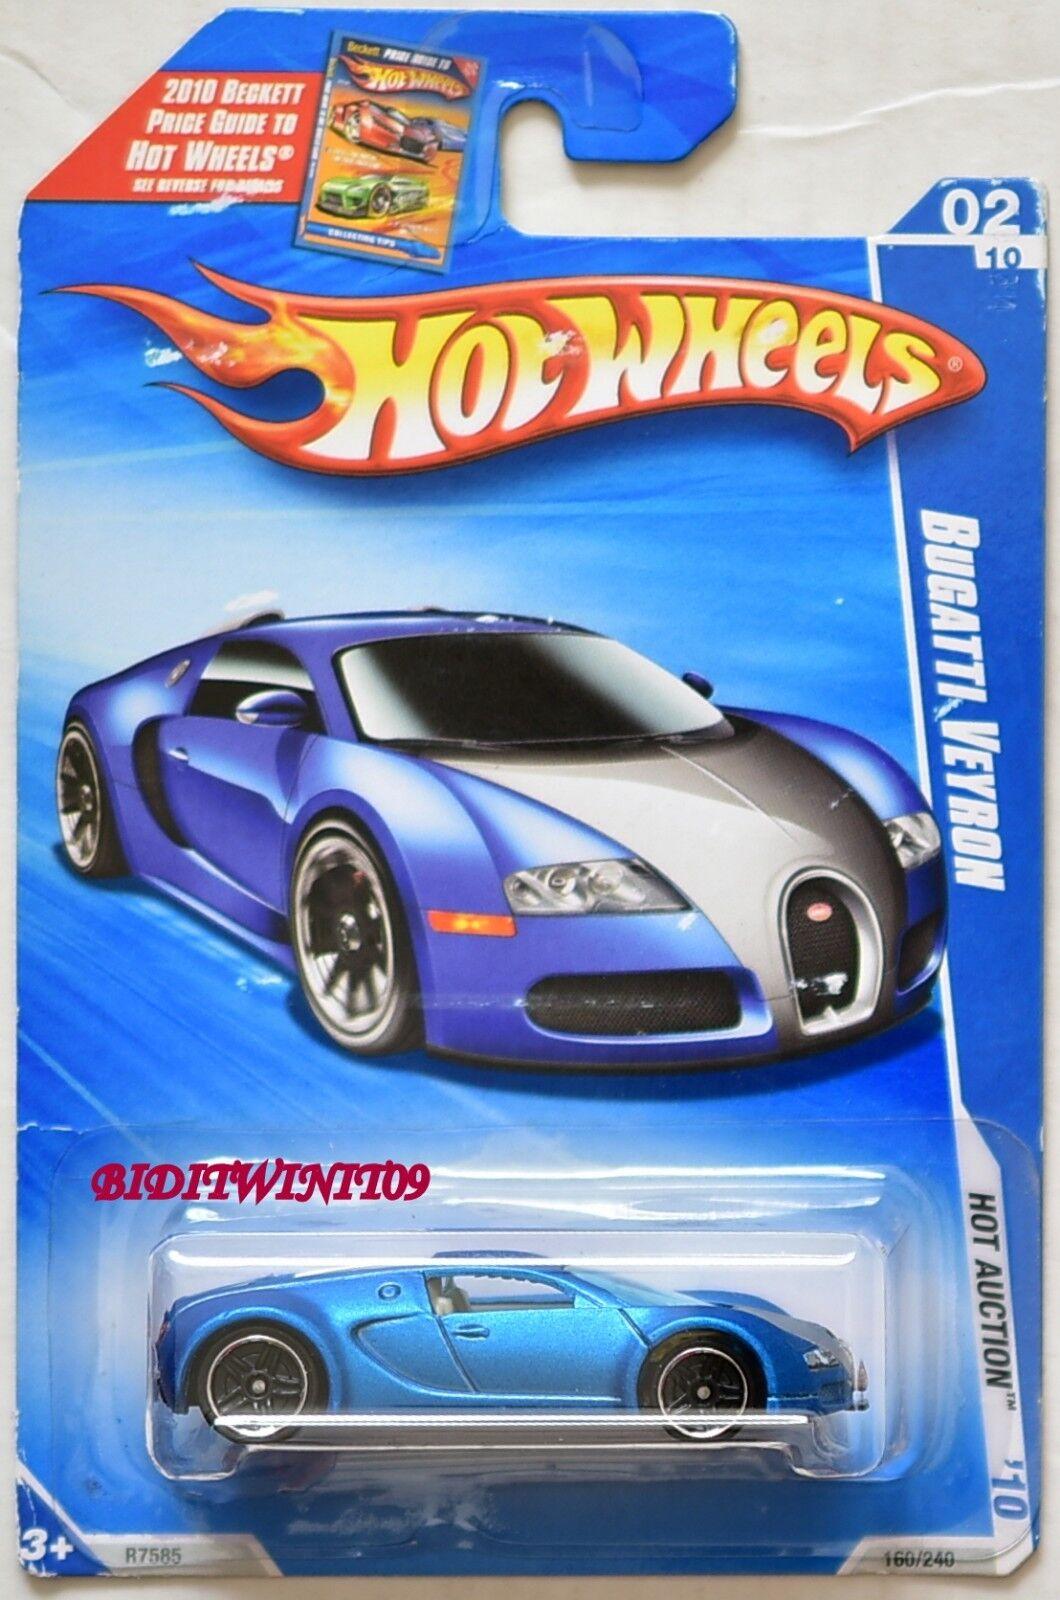 HOT WHEELS 2010 HOT AUCTION BUGATTI  VEYRON  02 10